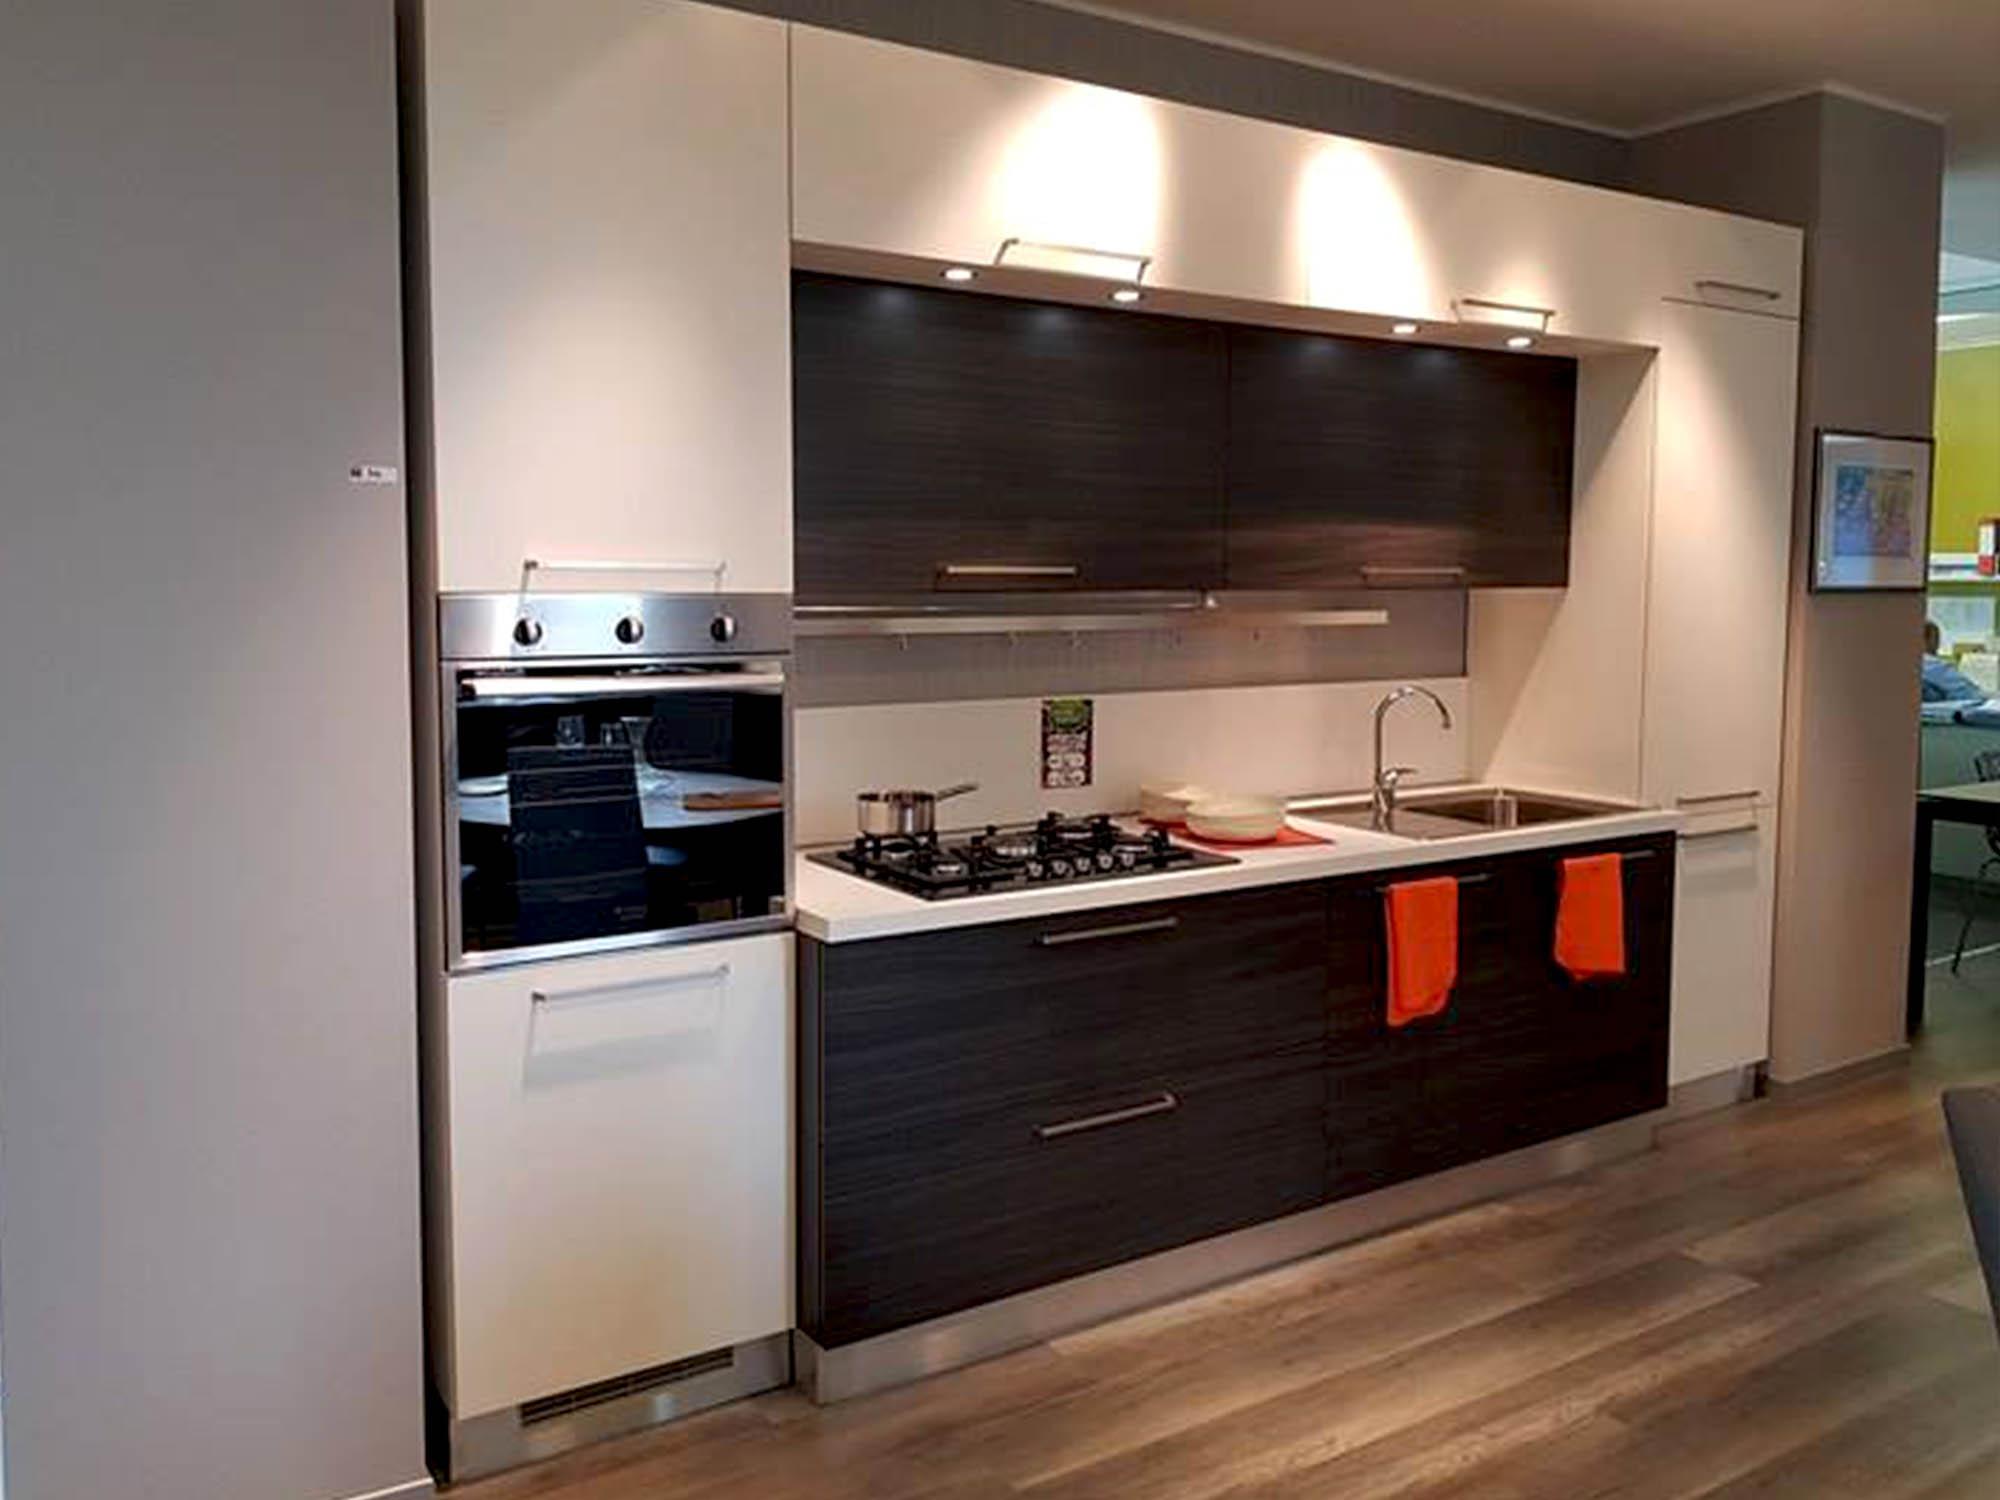 cucina con portale finitura frassino bianco e rovere